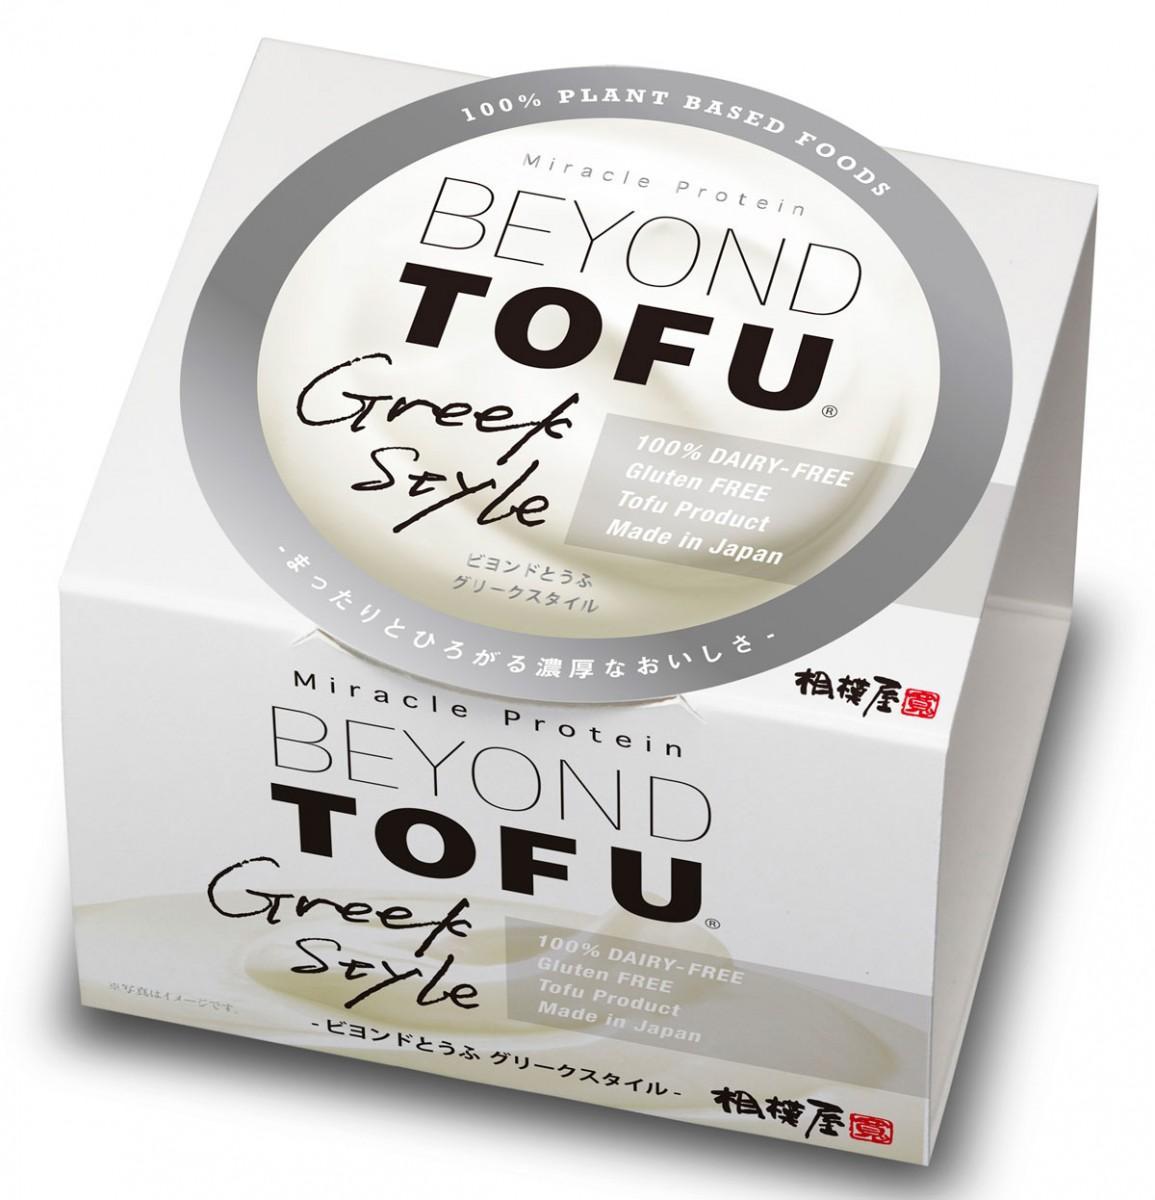 「BEYOND TOFU Greek-style 」は135kcal、たんぱく質4.7g、脂質11.6g、炭水化物3.1g